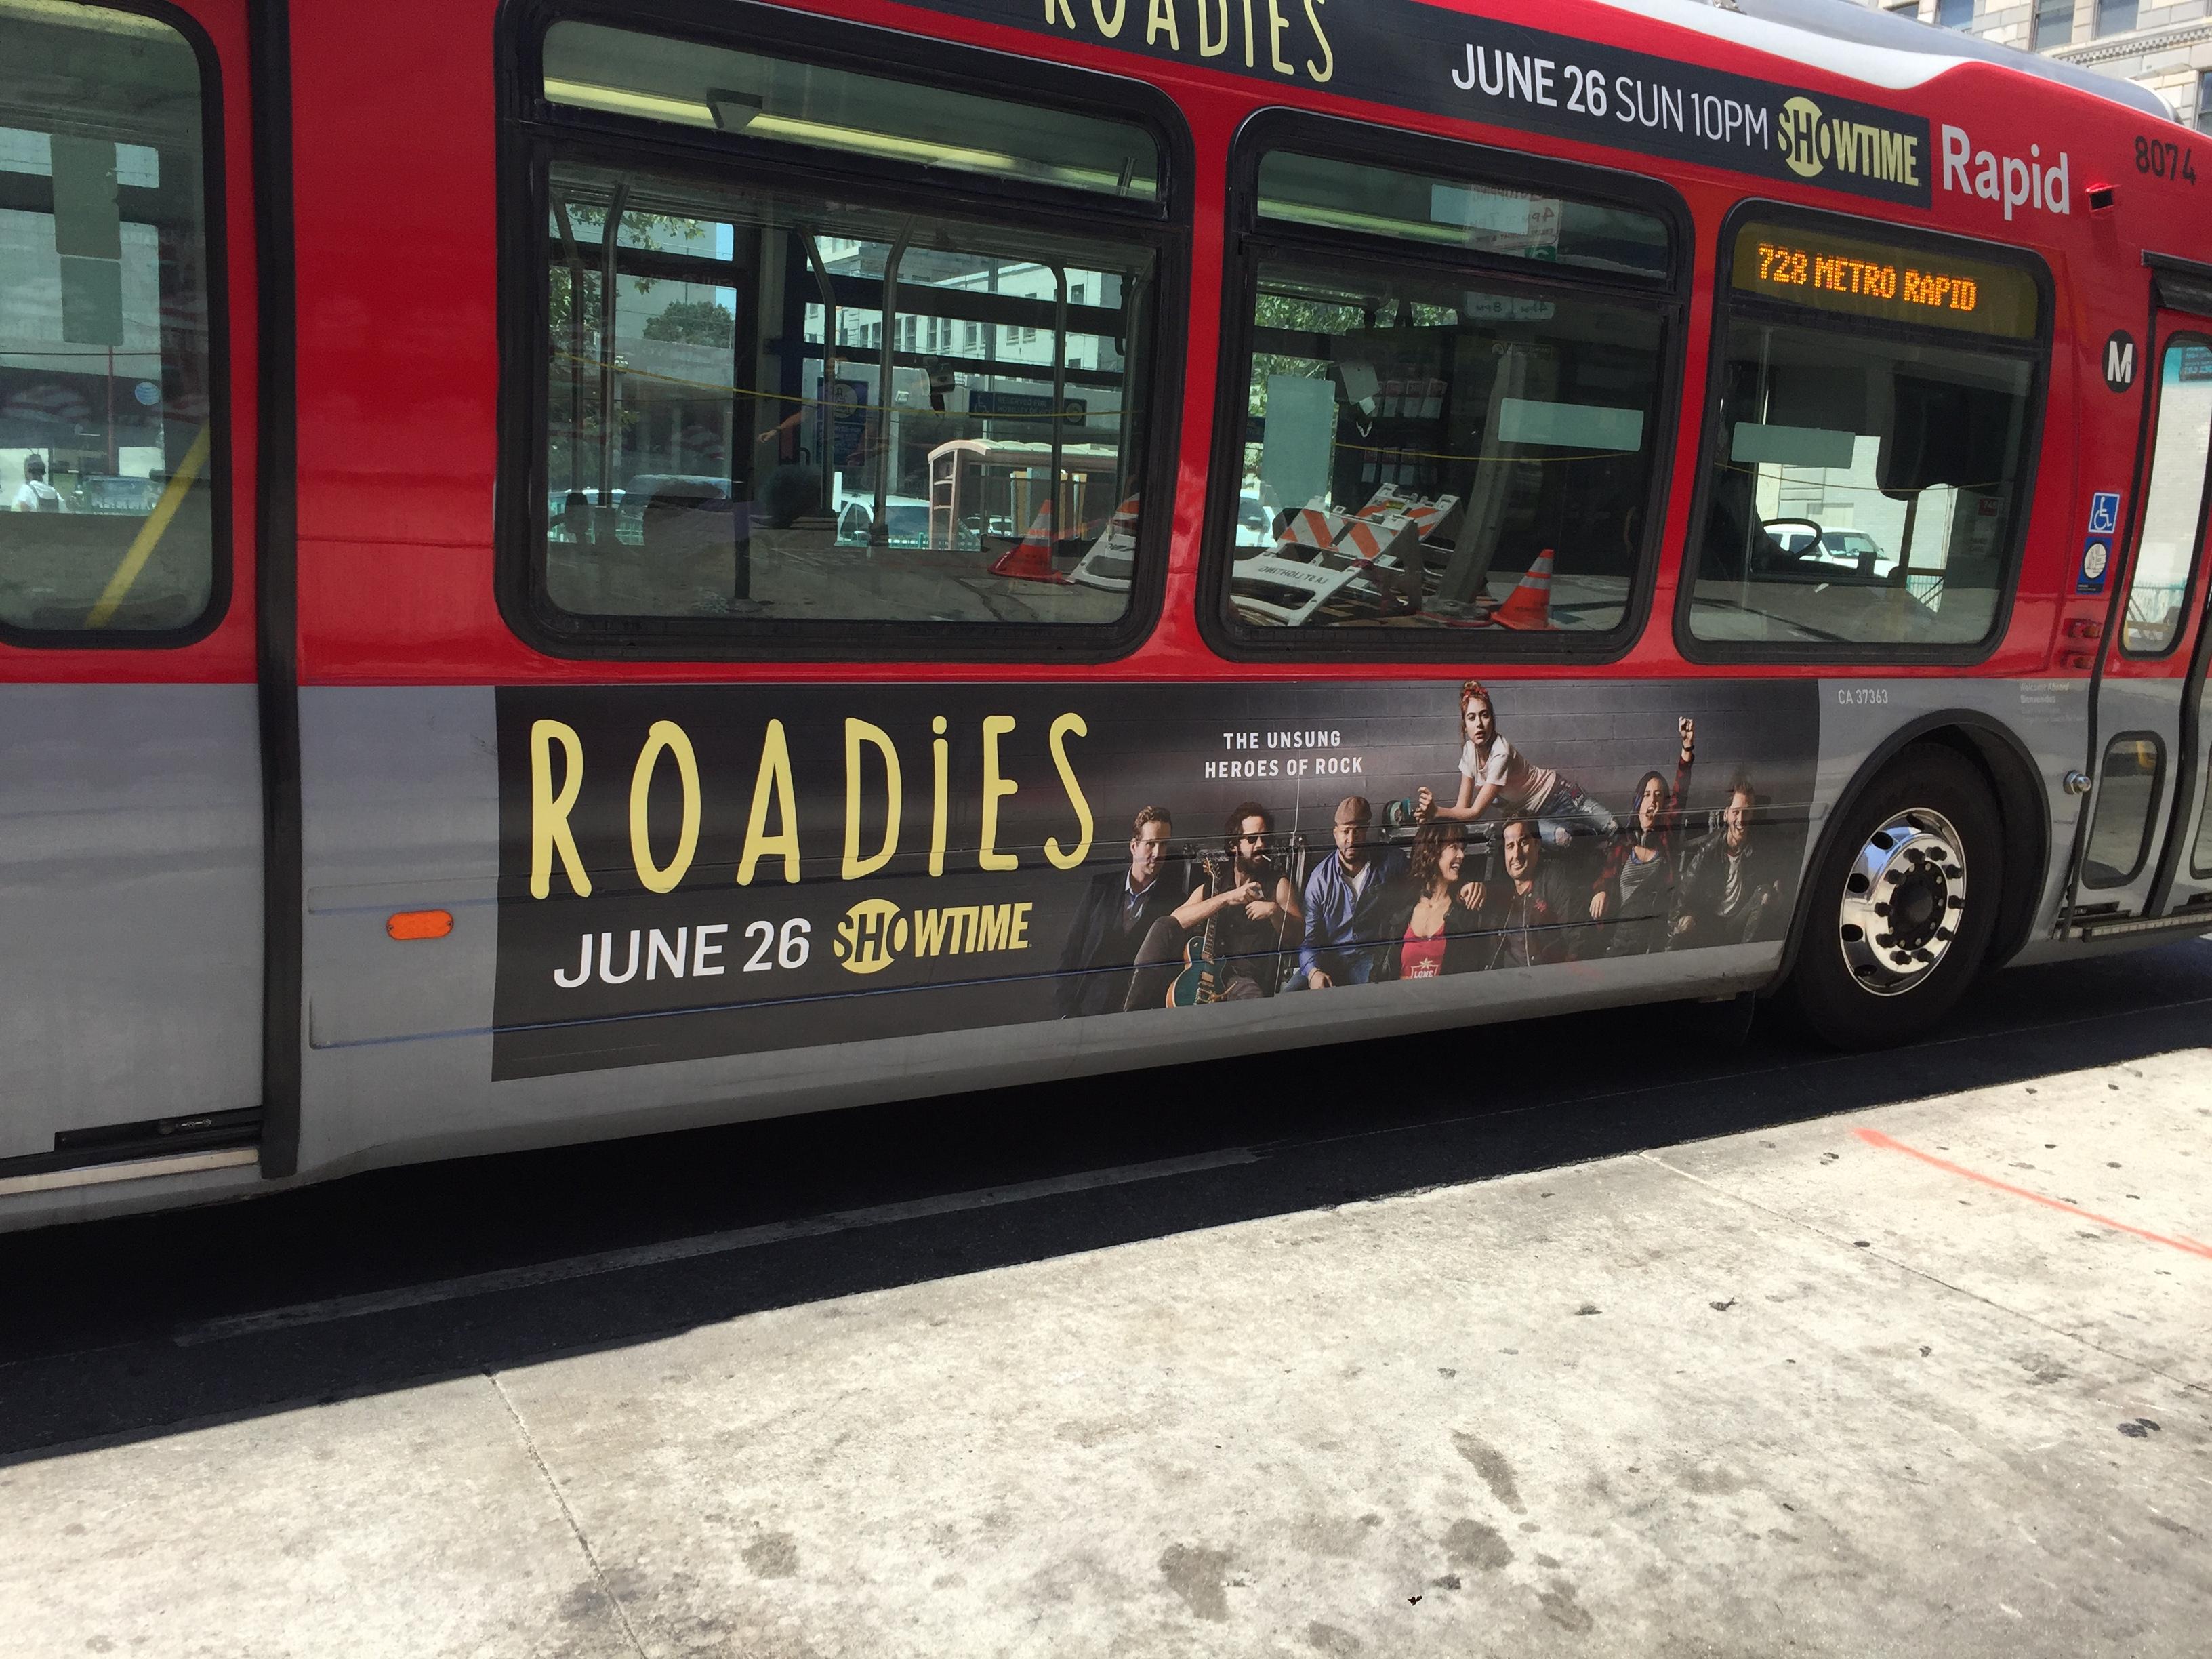 roadies_Bus